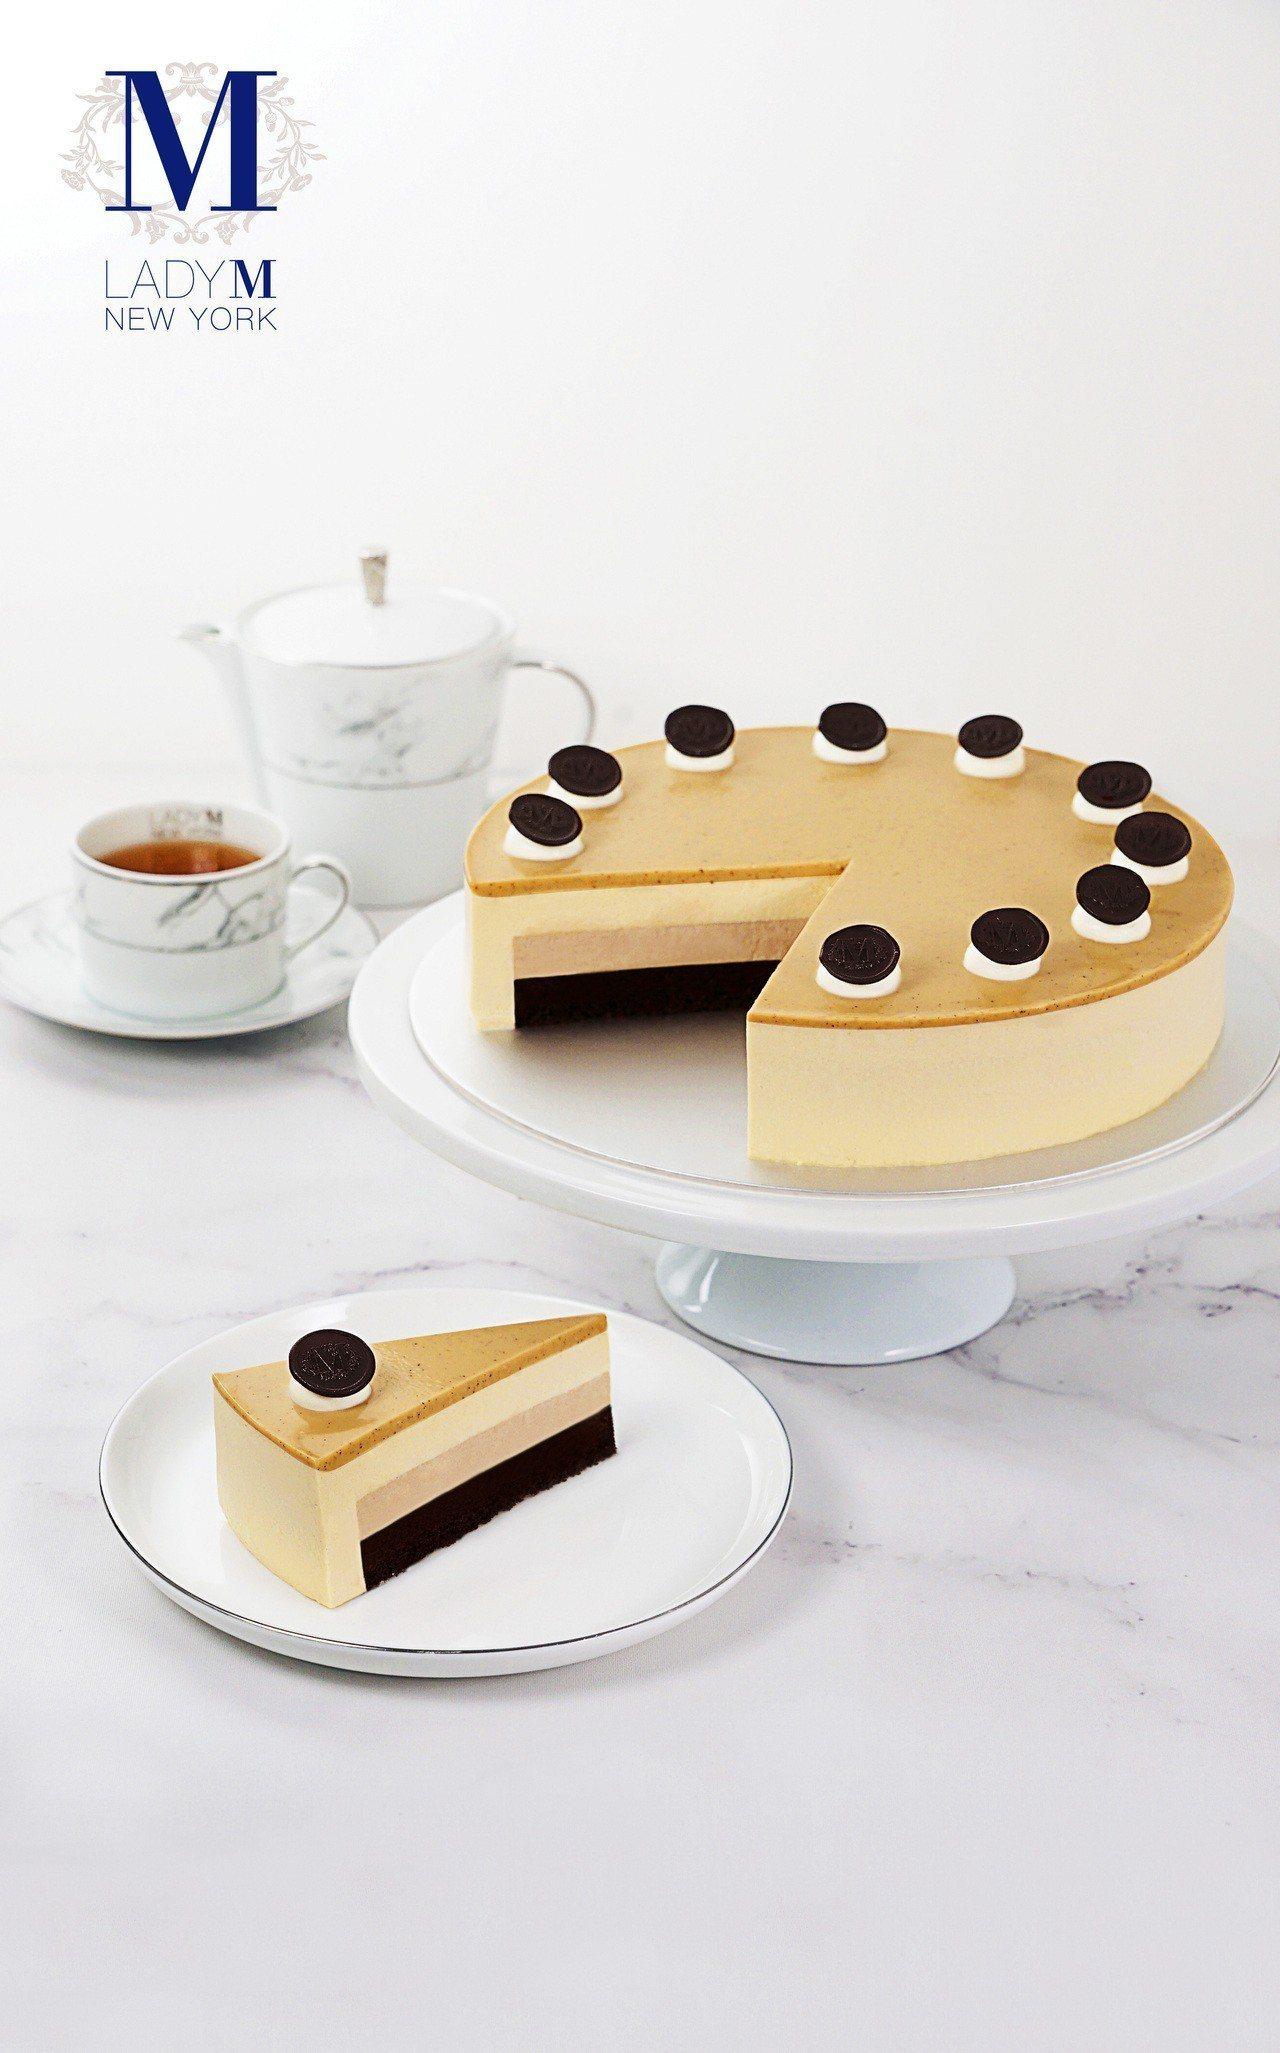 皇家奶茶慕斯蛋糕,單片270元、9吋2,700元,晶華專櫃限定。圖/Lady M...